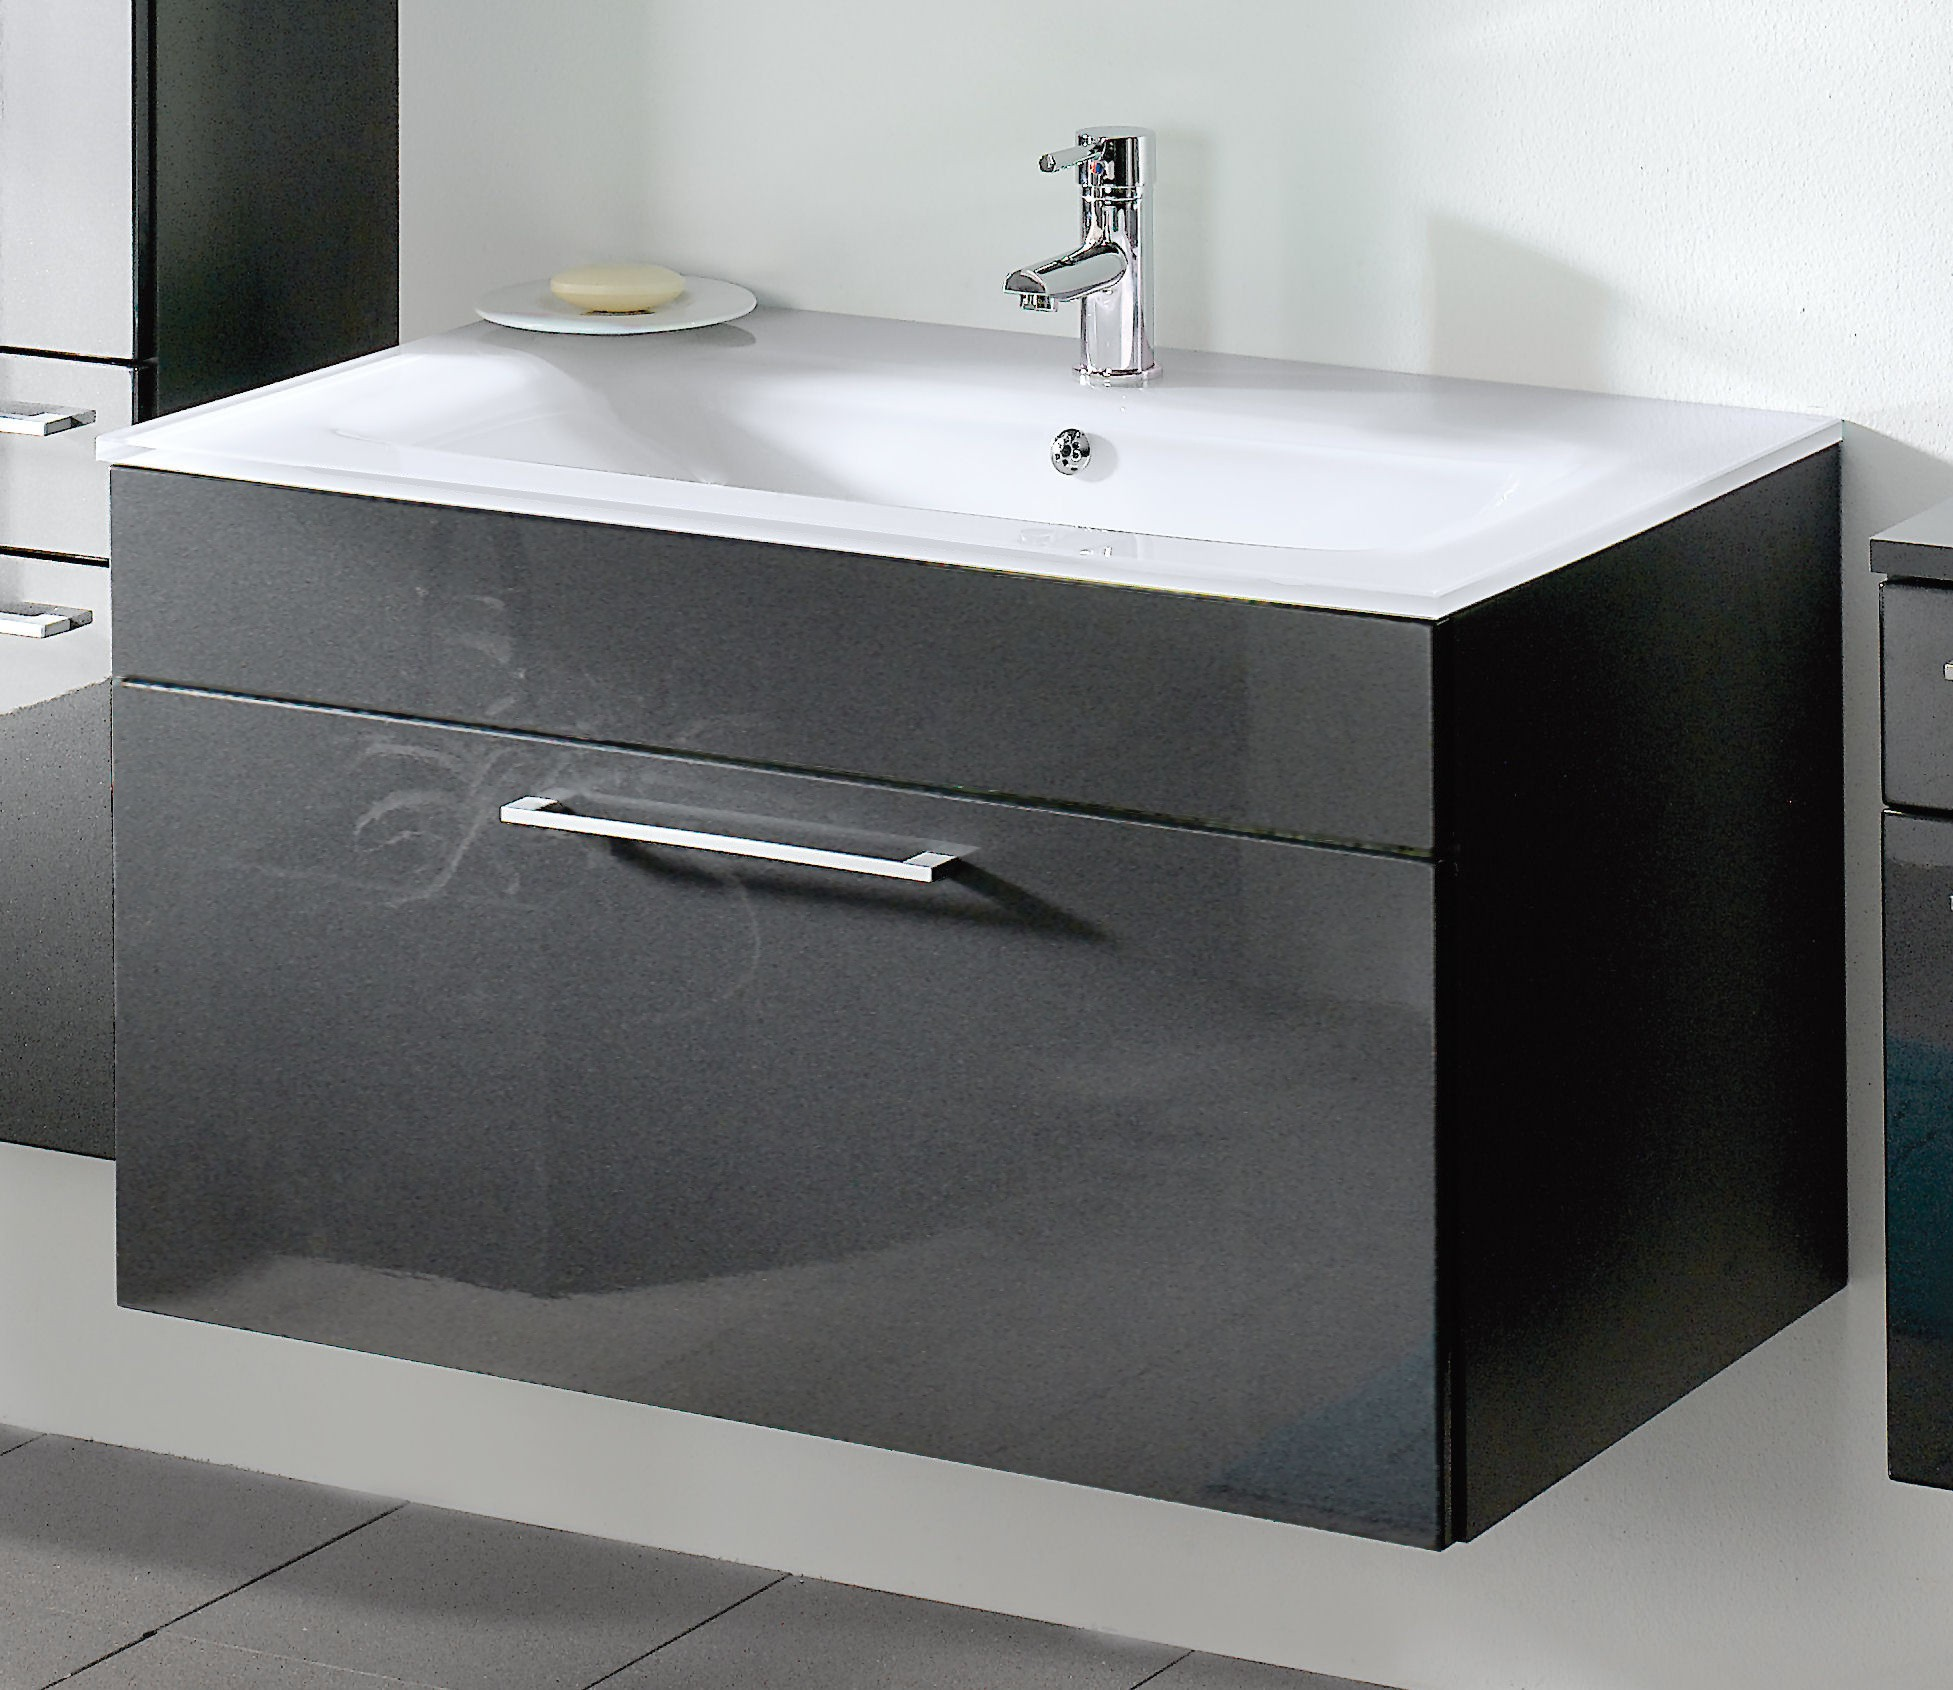 bad waschtisch hera mit glaswaschbecken wei 90 cm breit anthrazit bad hera. Black Bedroom Furniture Sets. Home Design Ideas